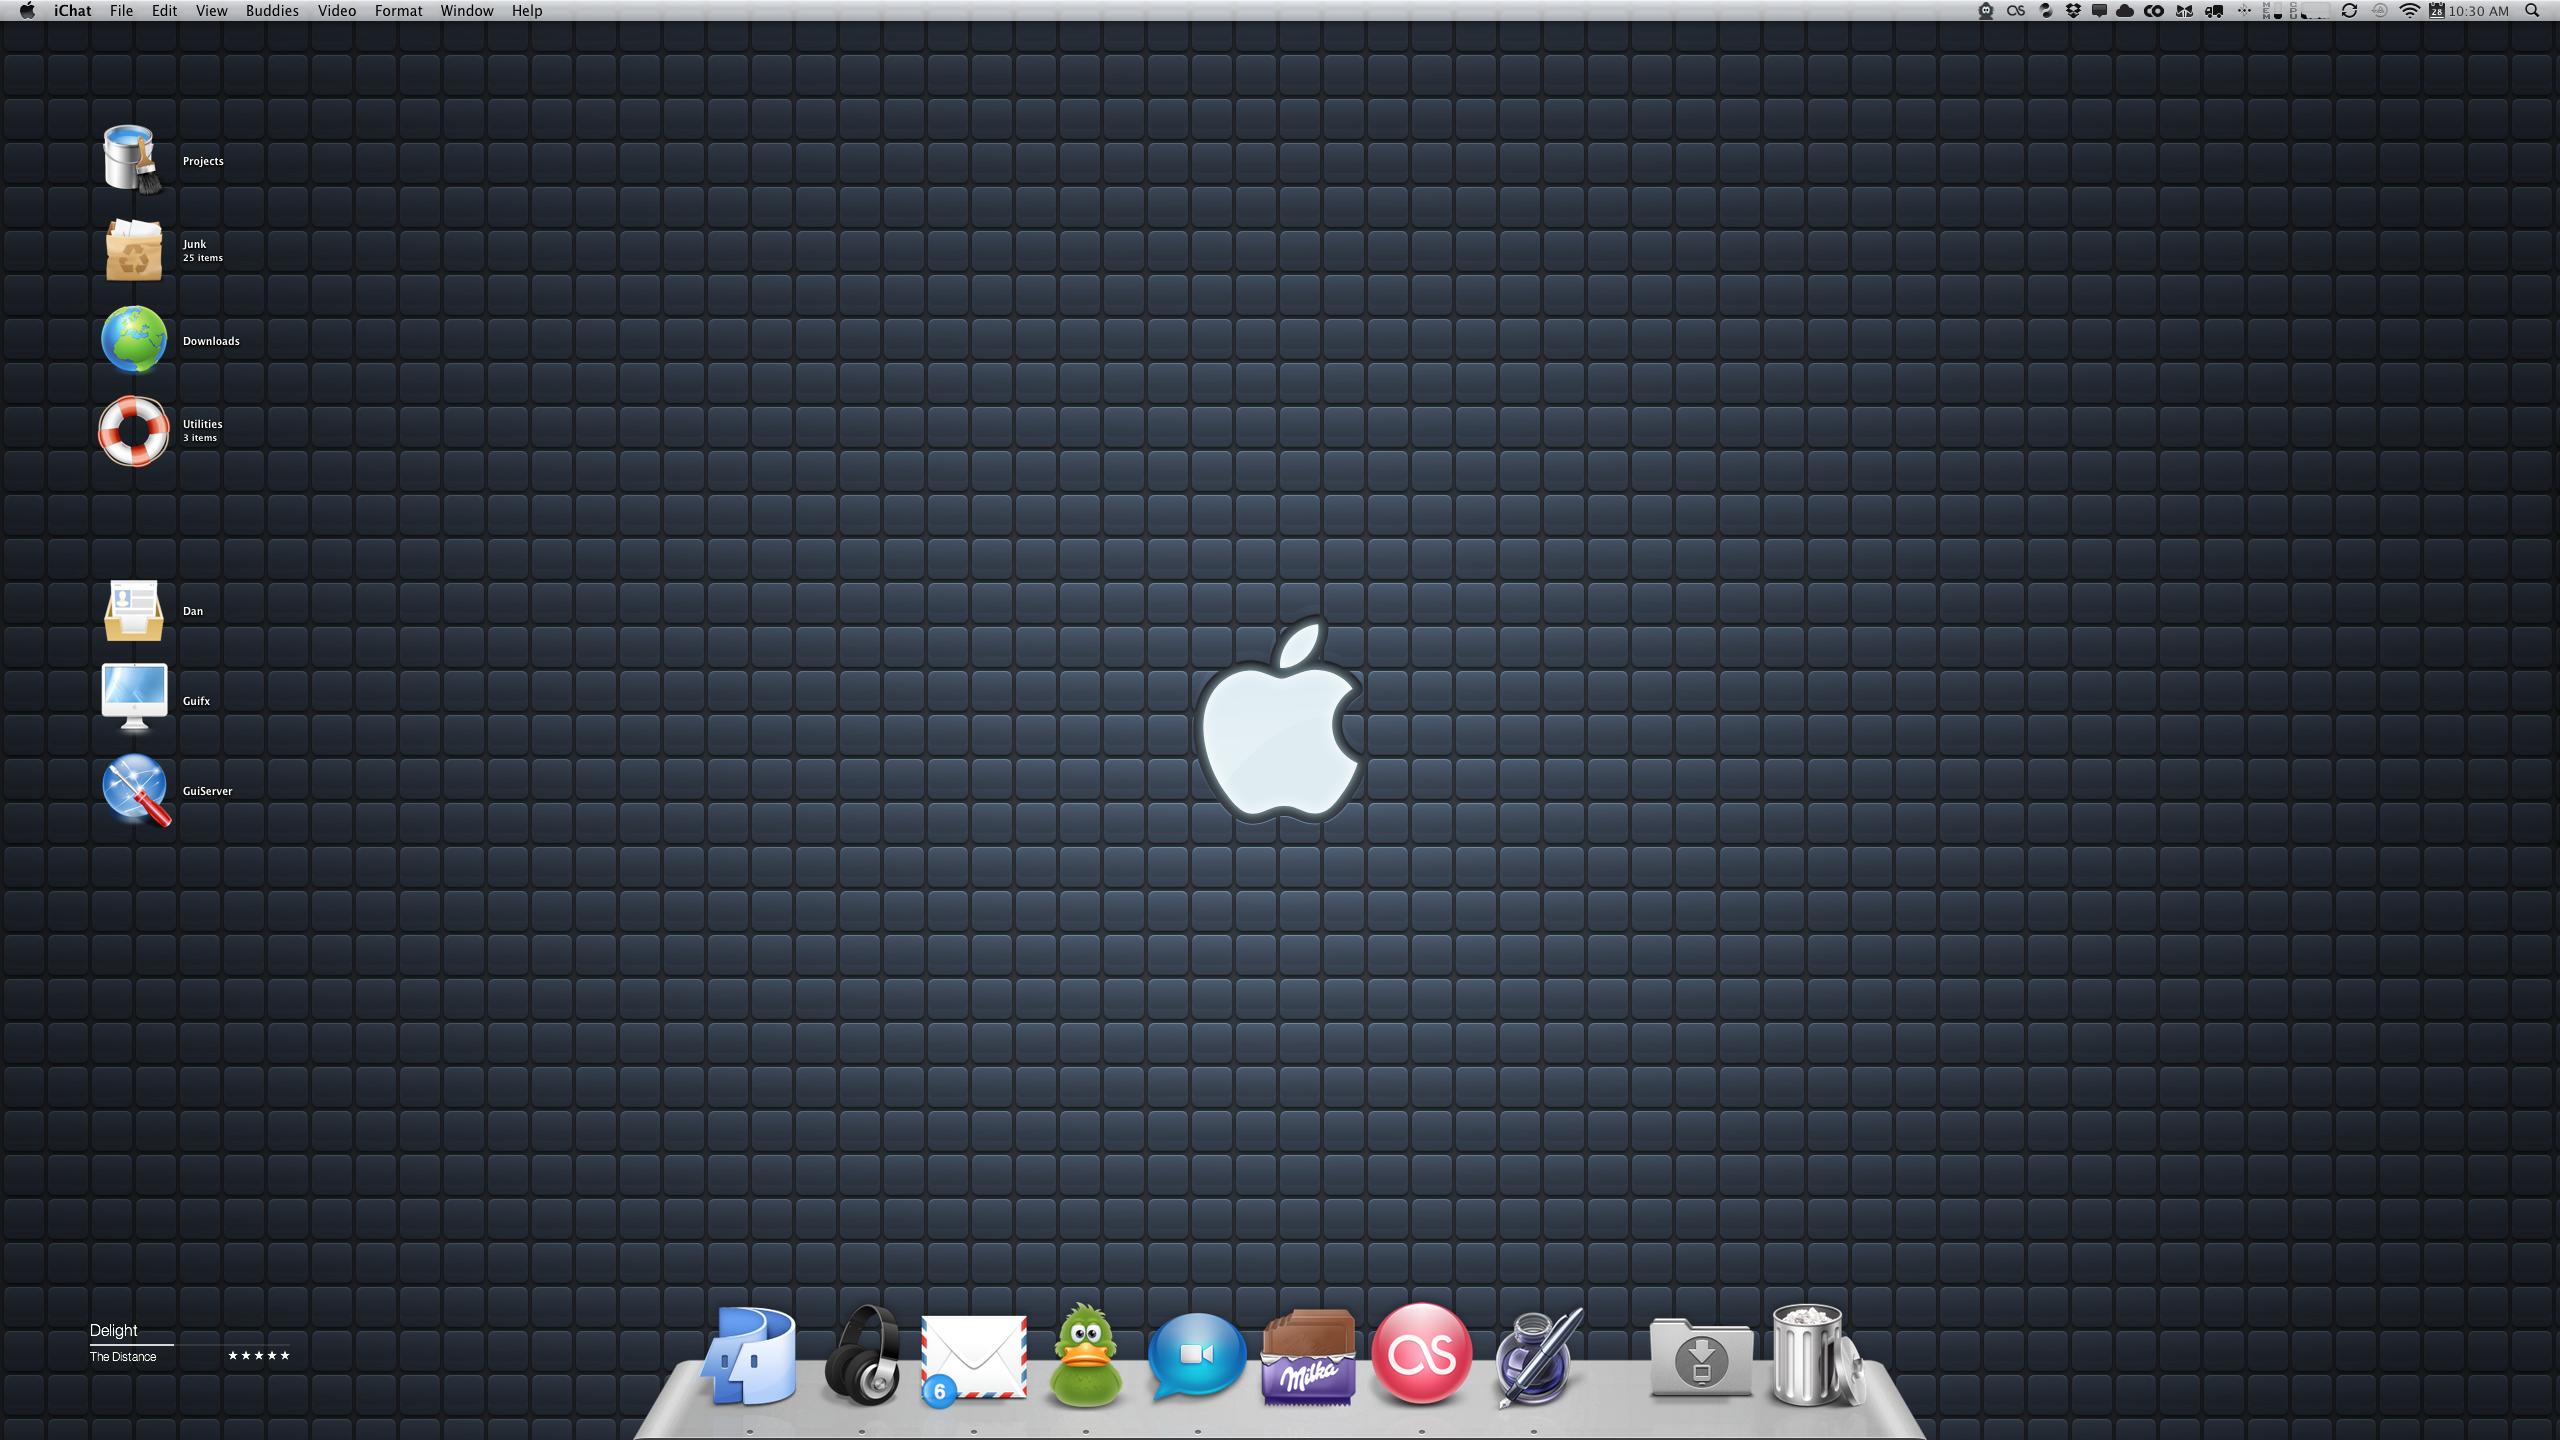 Desktop Jul 2010 by SmarTramS